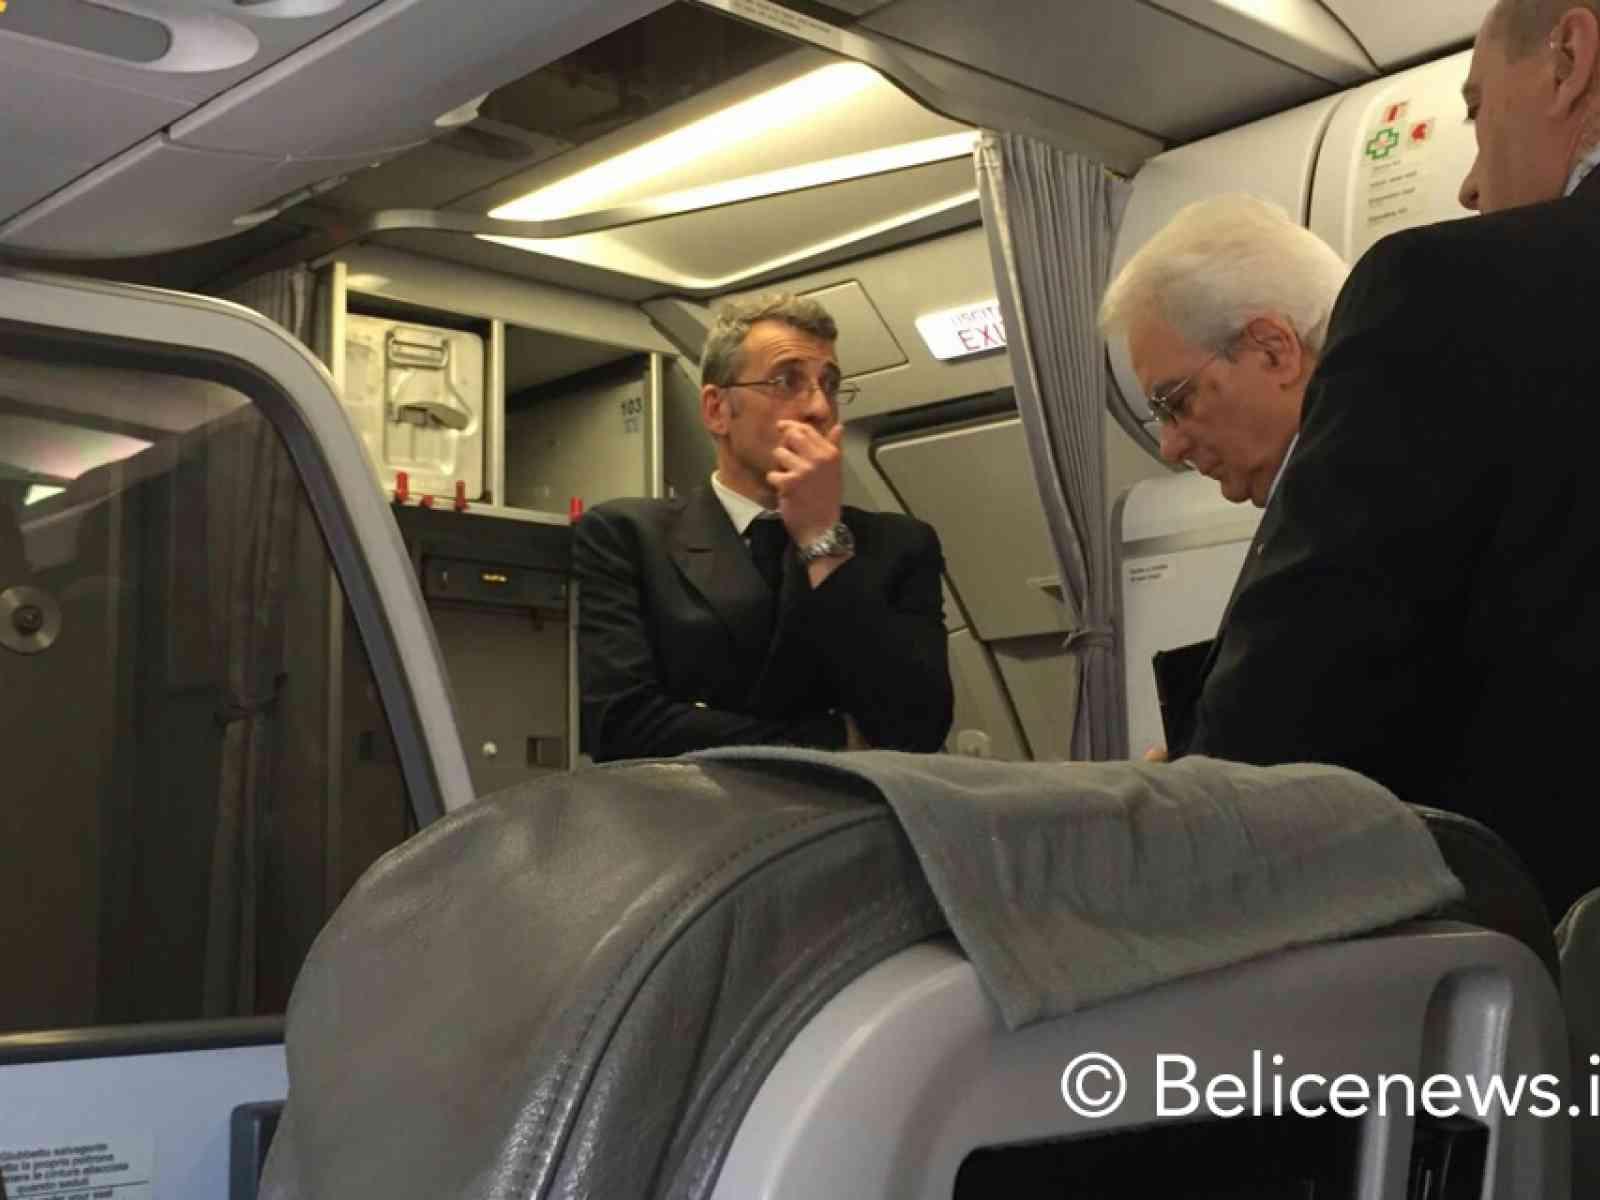 Il Presidente della Repubblica torna in Sicilia per Pasqua con un volo di linea